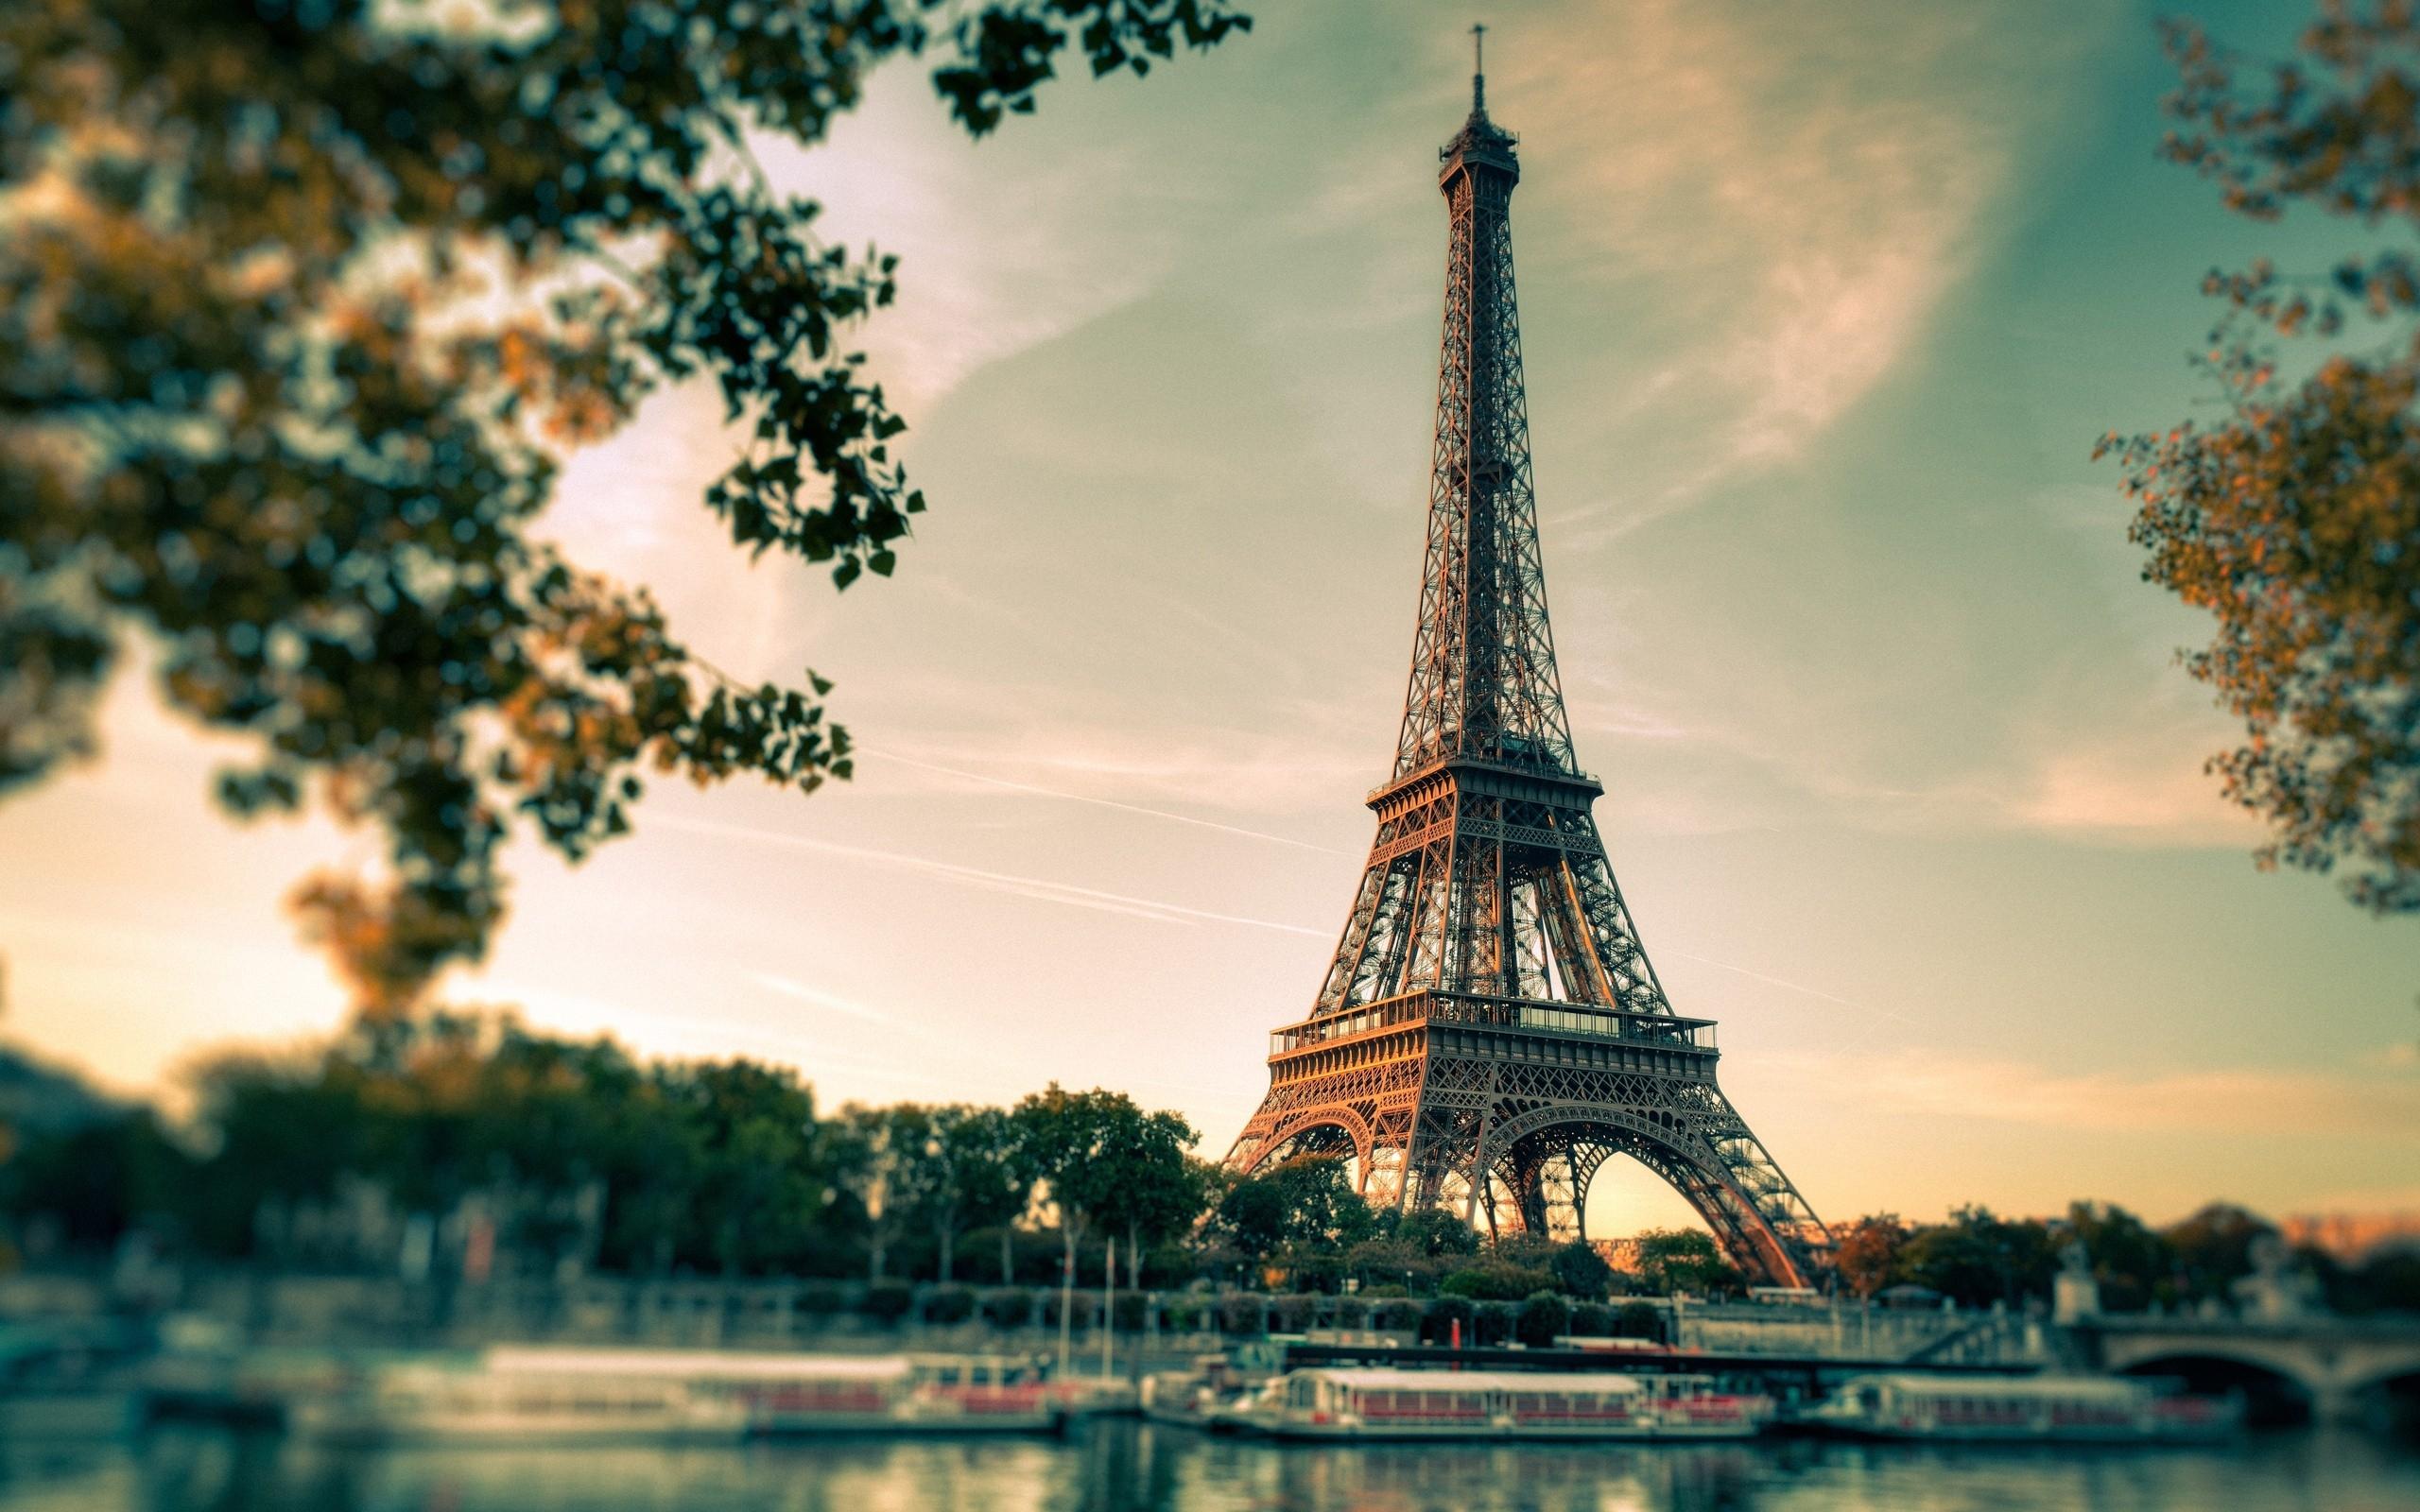 17505 скачать обои Пейзаж, Города, Париж, Эйфелева Башня - заставки и картинки бесплатно